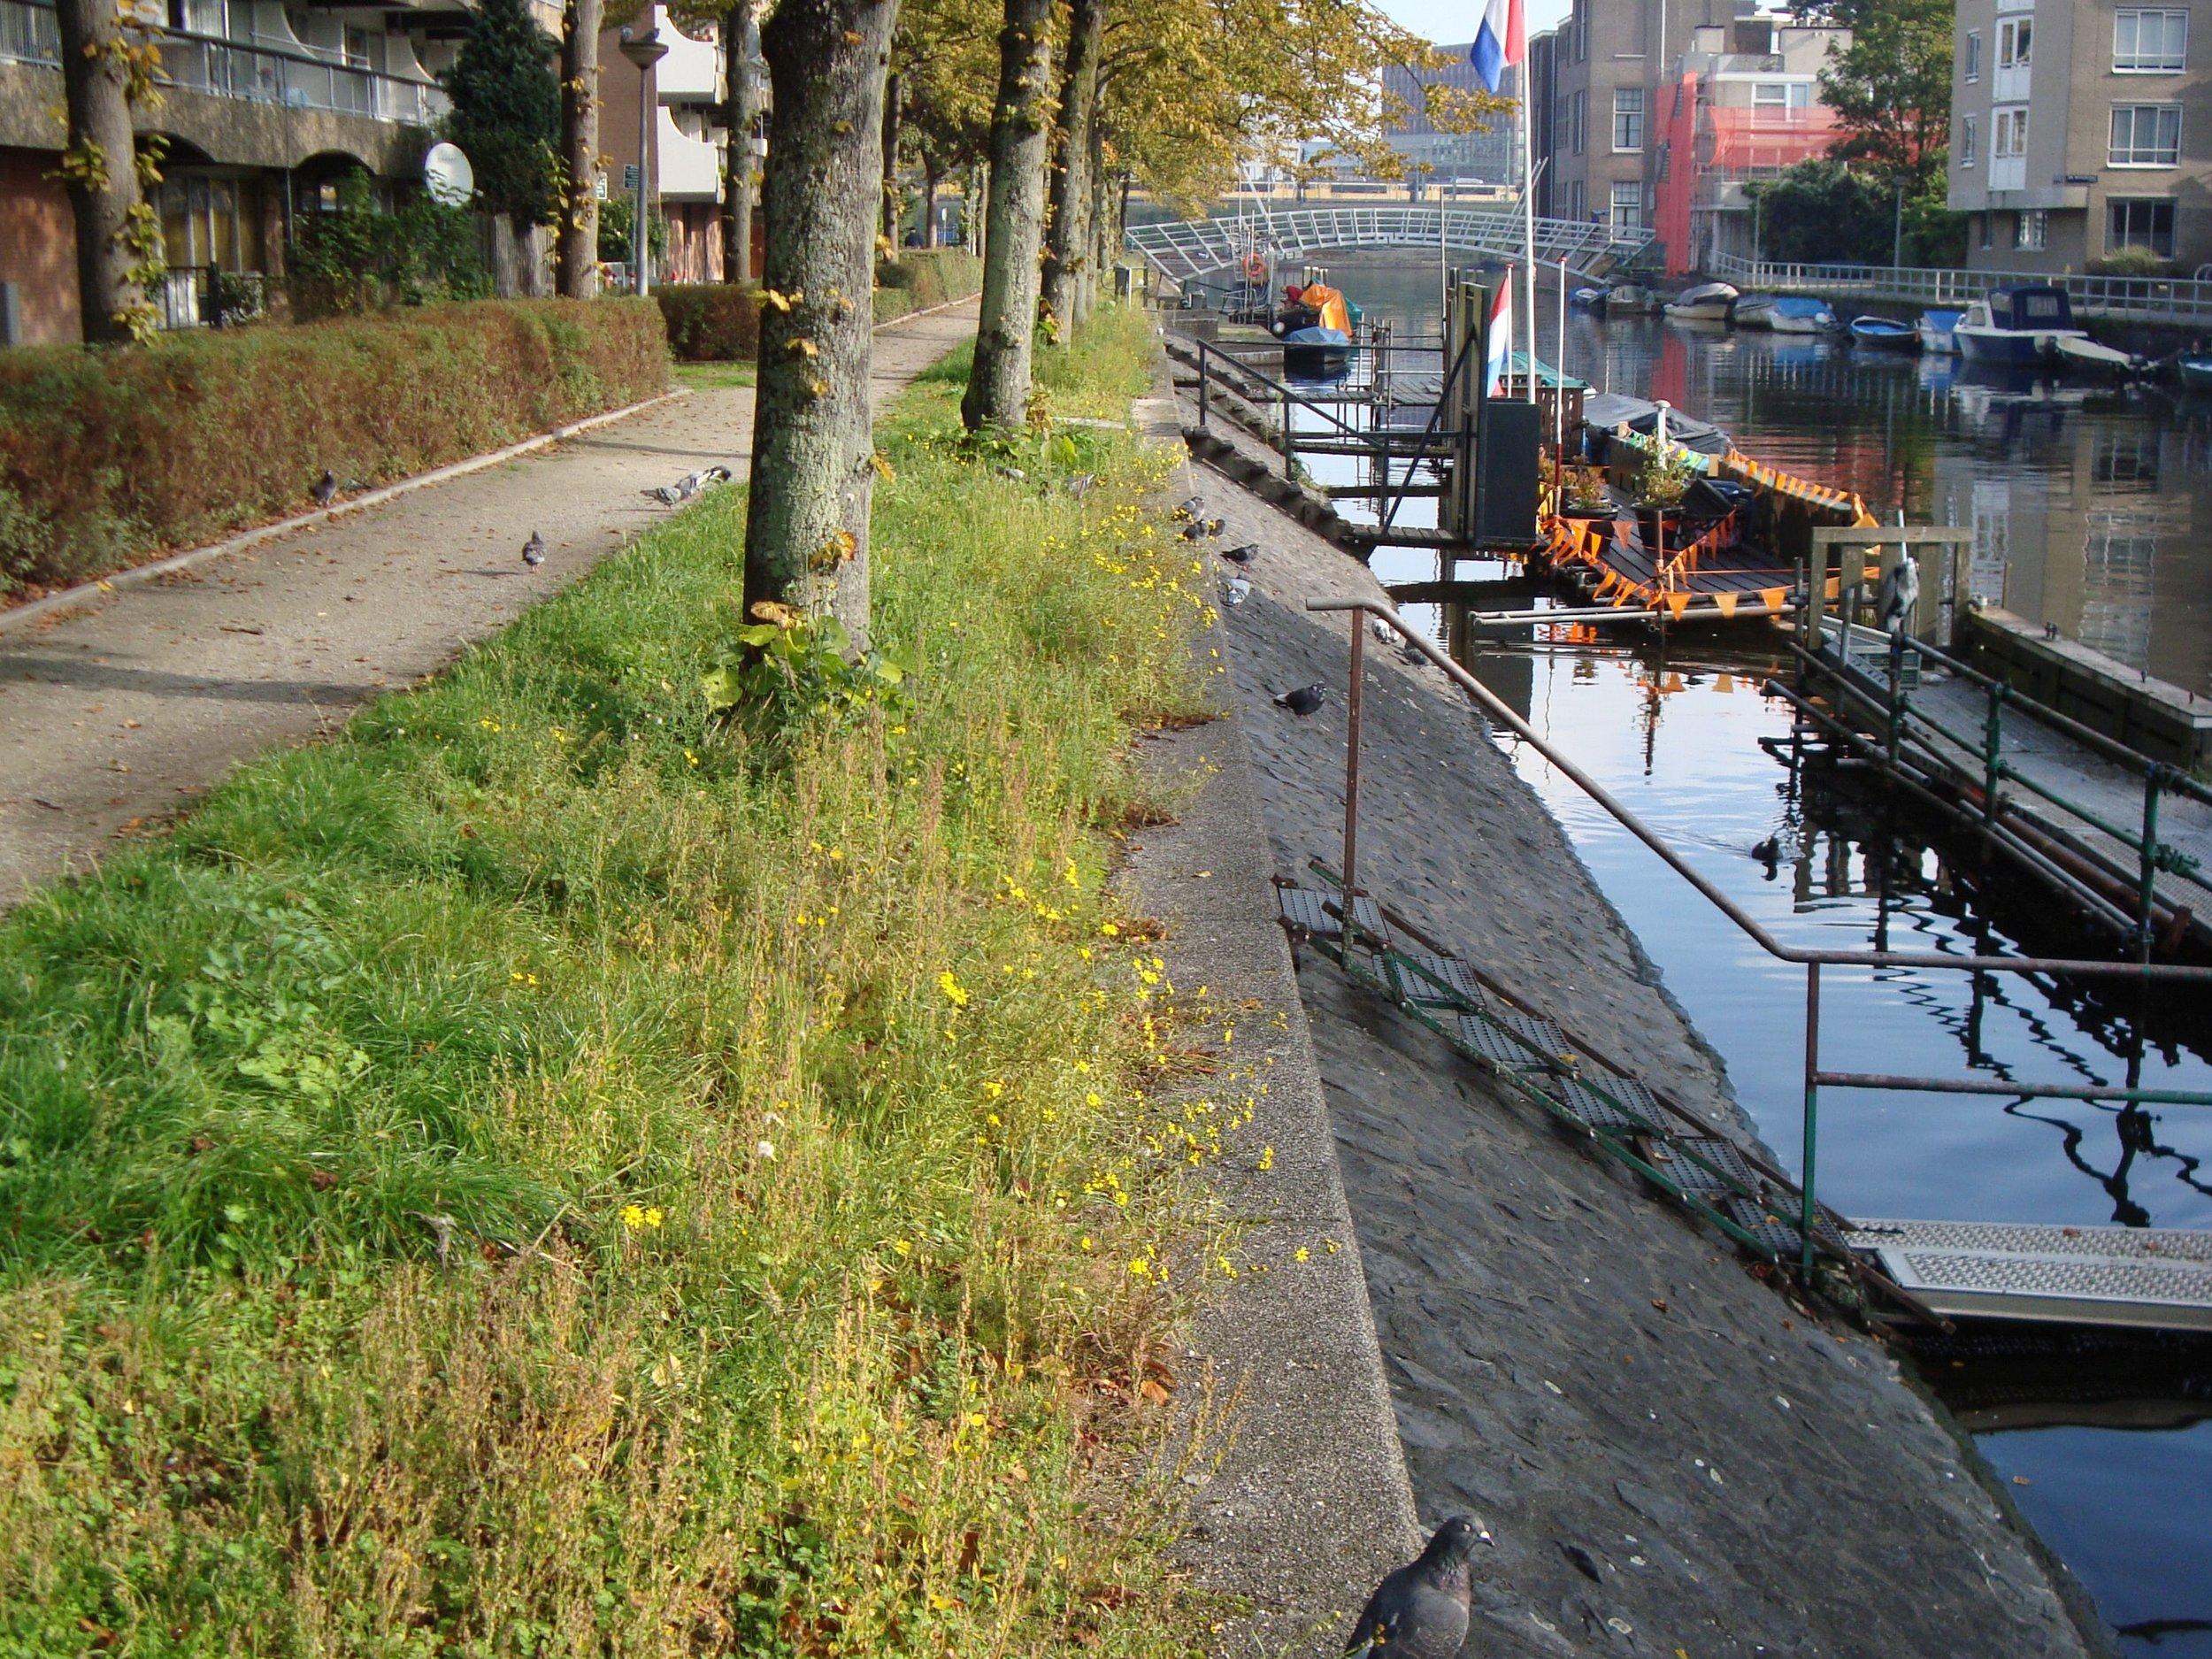 kattenburgerkade foto 2 2014.jpg